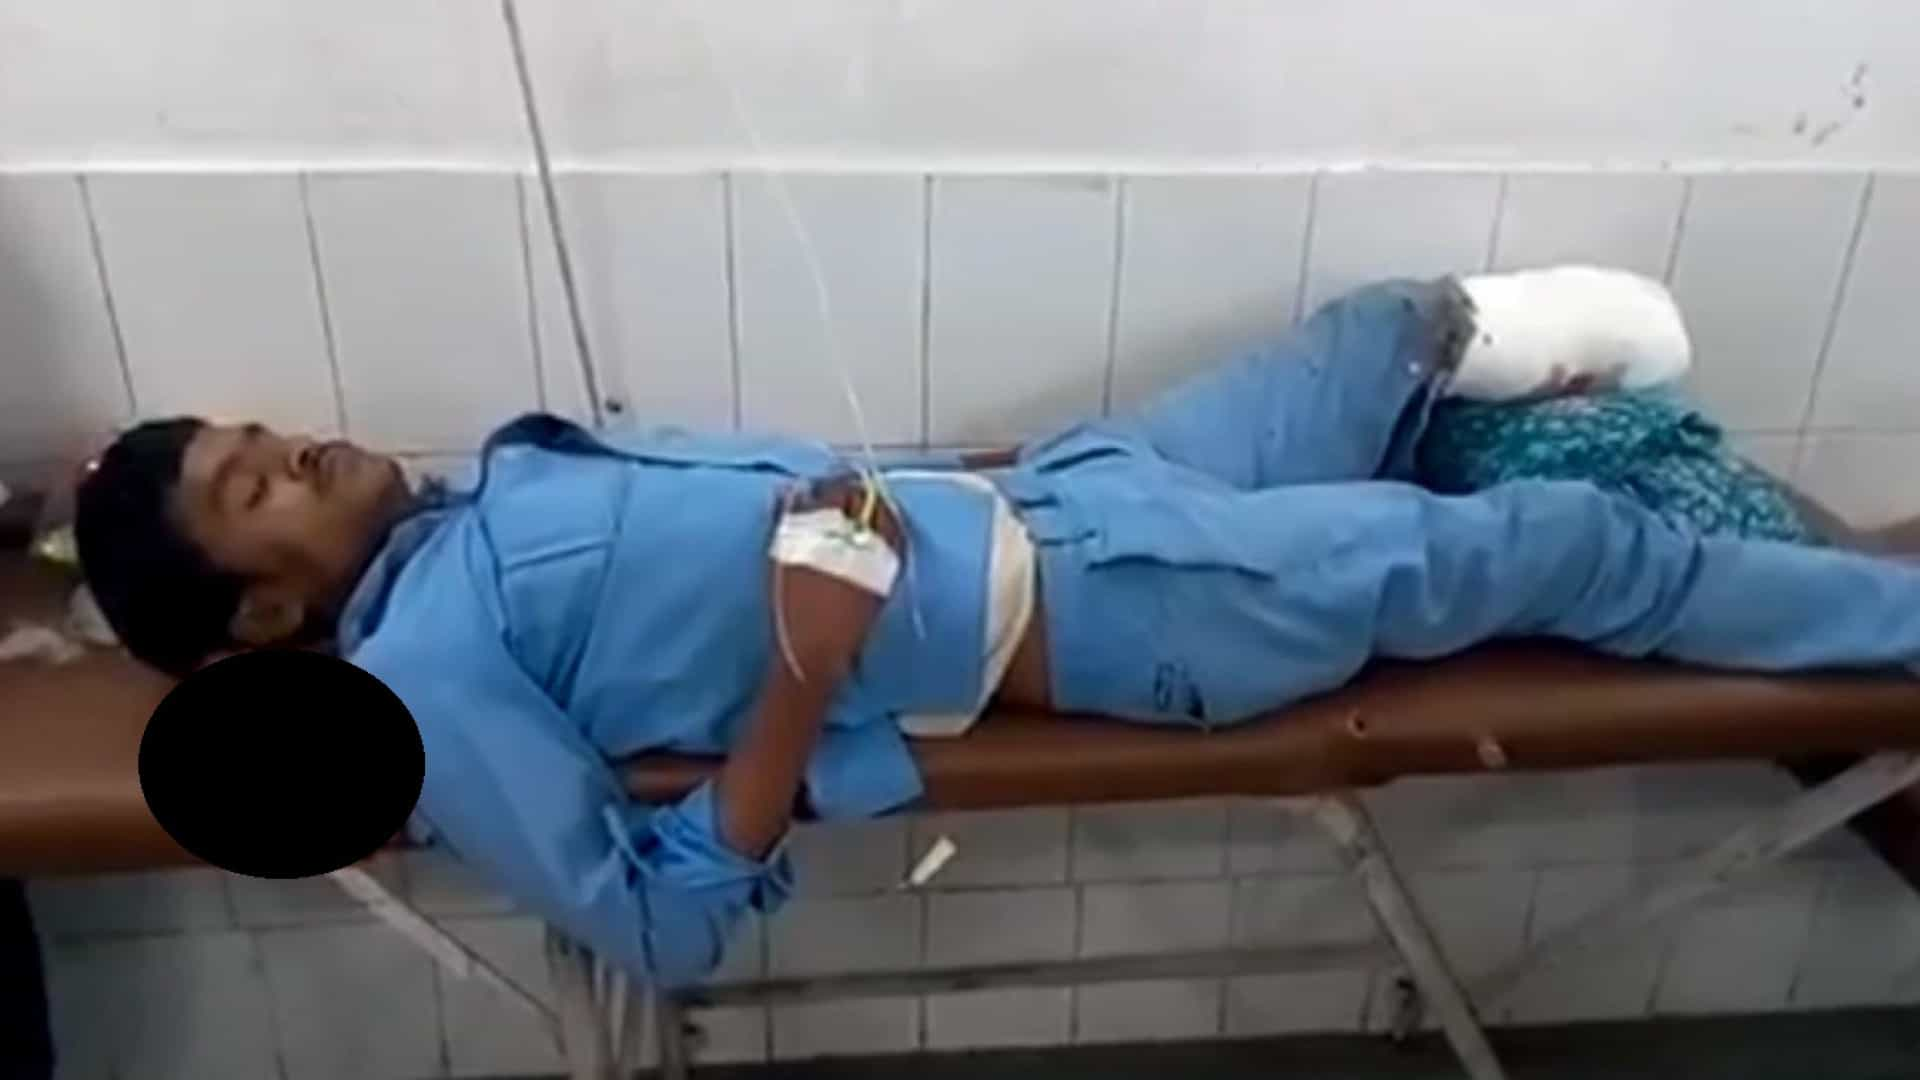 Investigado hospital que usou pé amputado de paciente como almofada